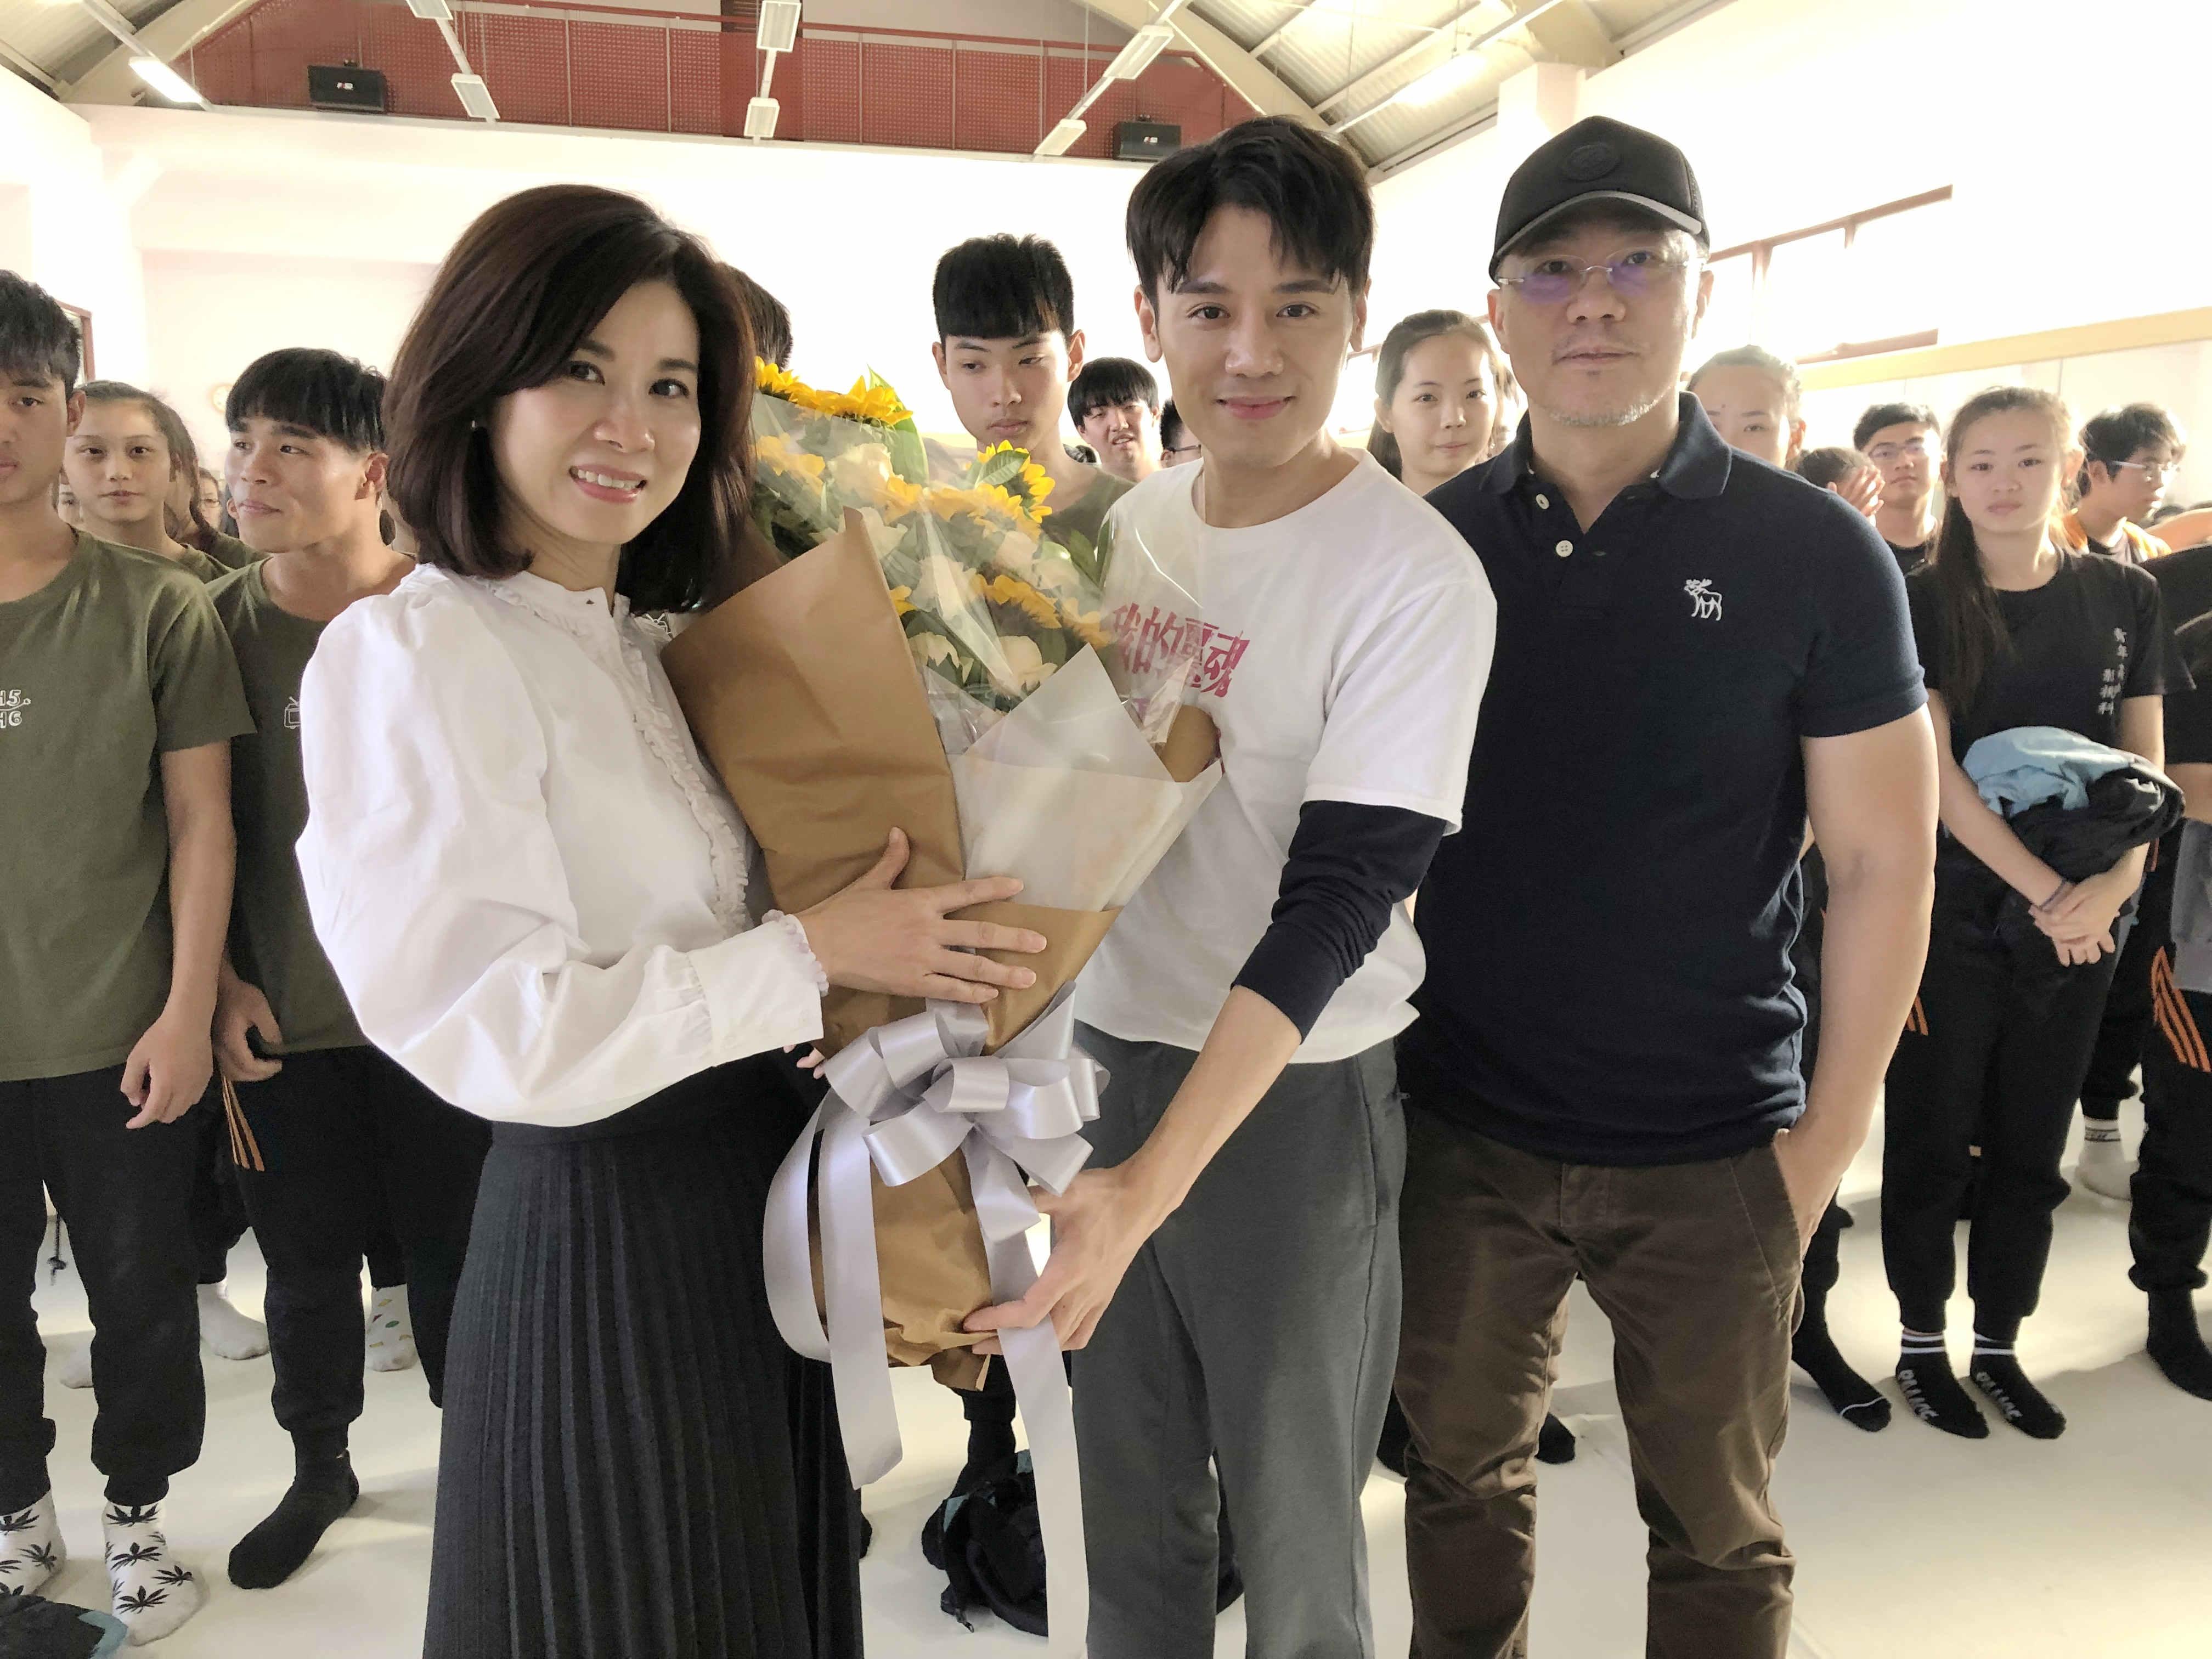 邱志宇返校宣傳《我的靈魂是愛做的》霸凌家長獻花致意